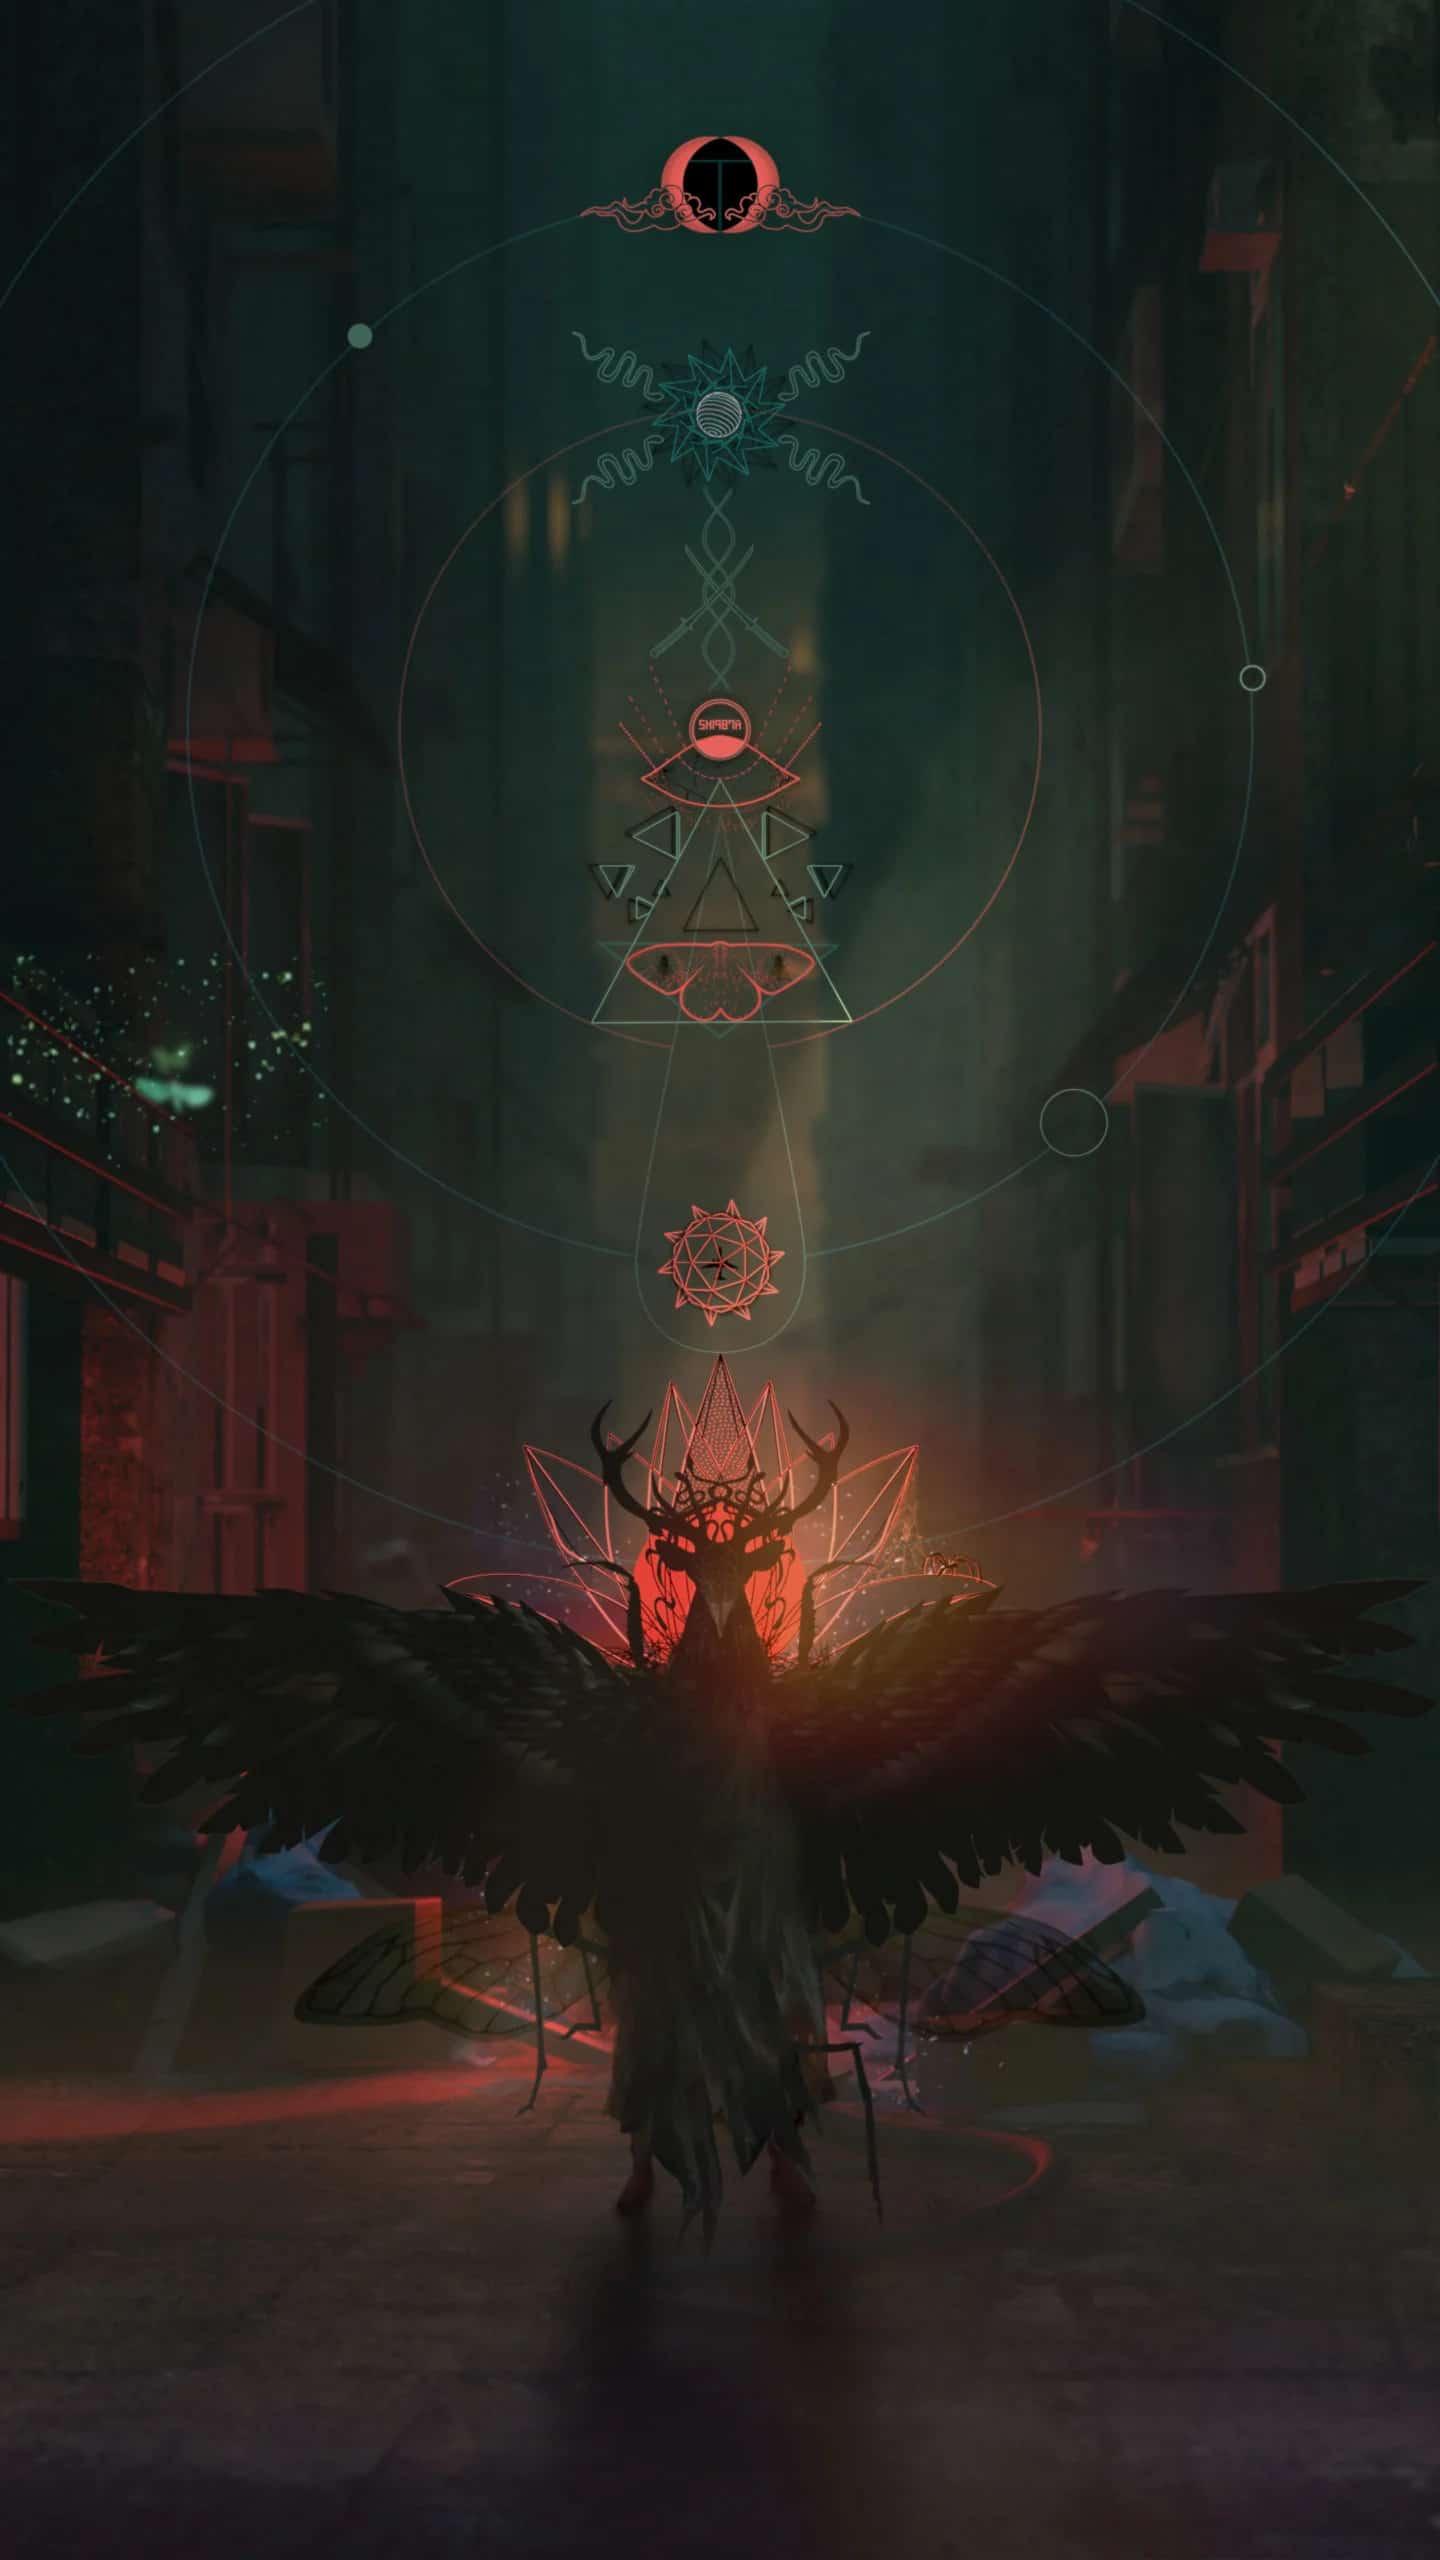 Imagem conceitual do próximo jogo do Diretor de Silent Hill fazendo referências a elementos de ocultismo com uma criatura não identificada.